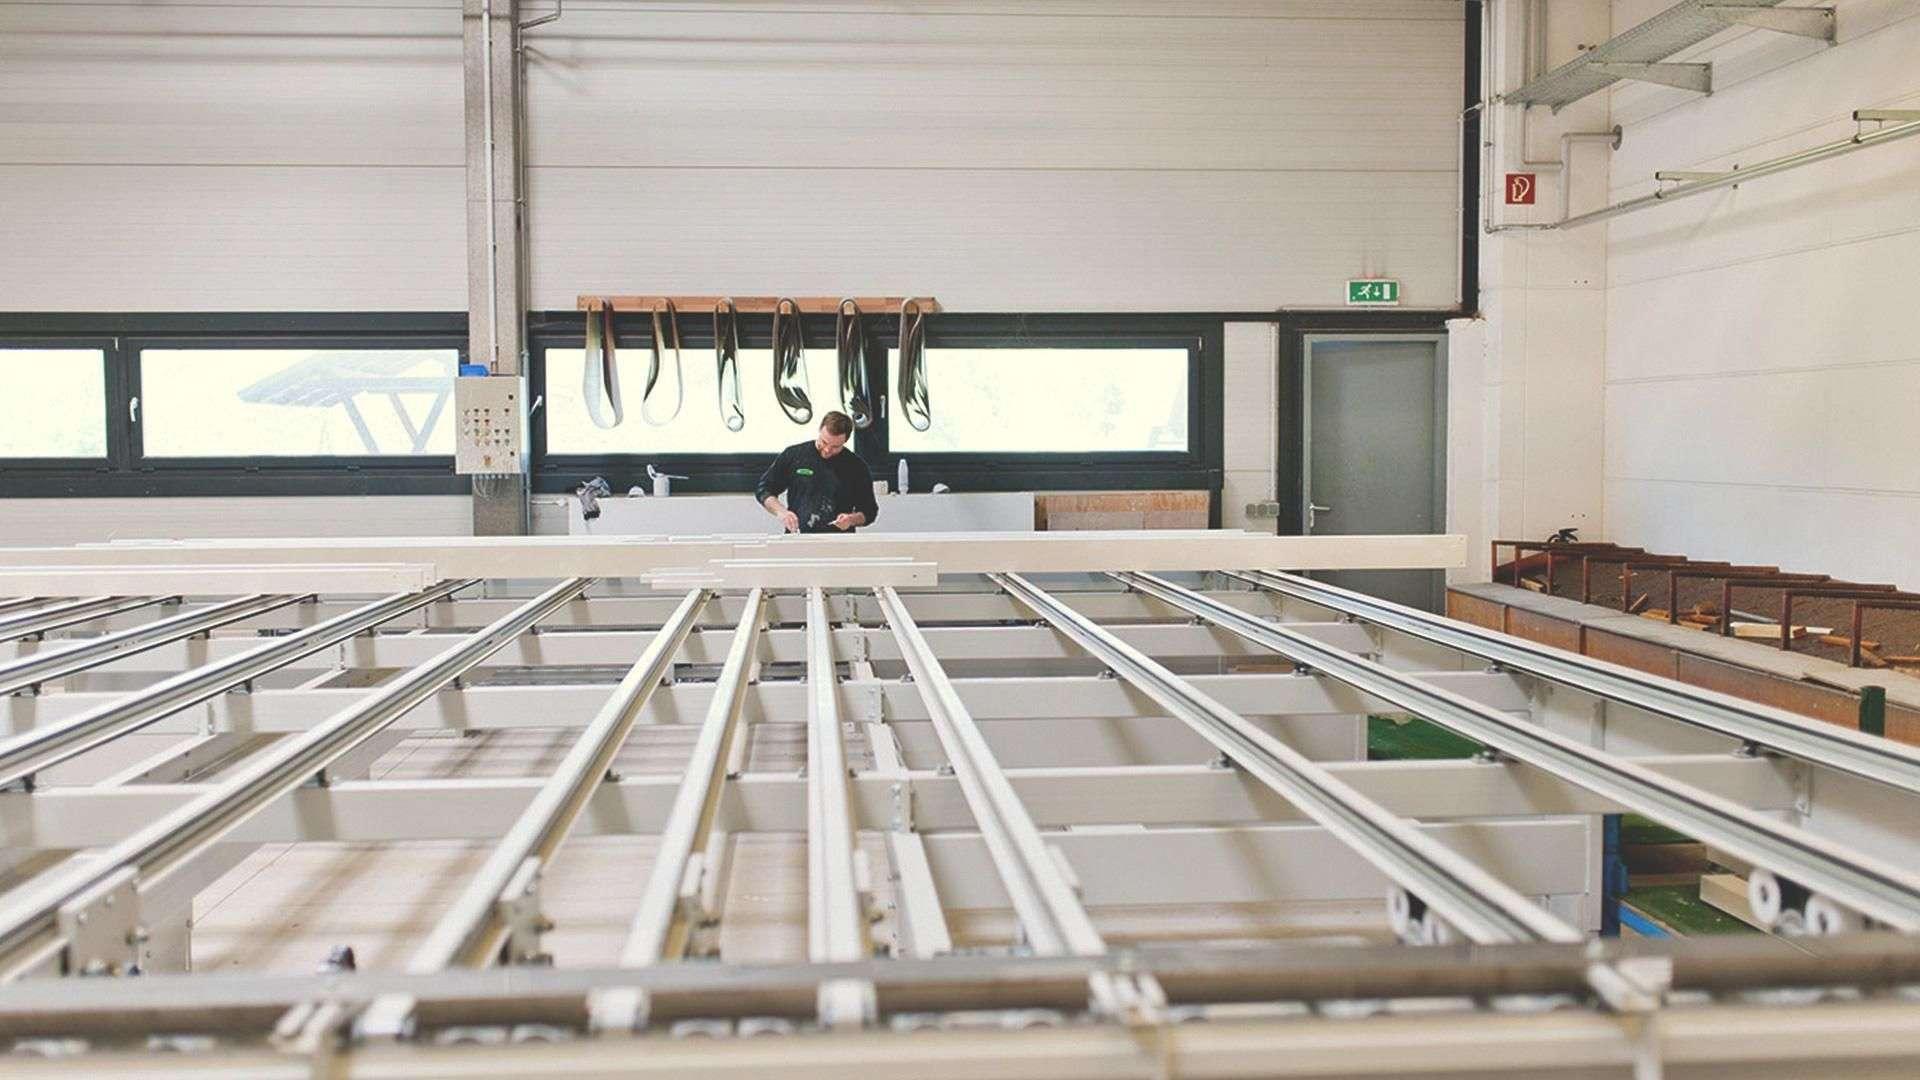 Blick in die Produktion von Maderos in Rosengarten/Nenndorf